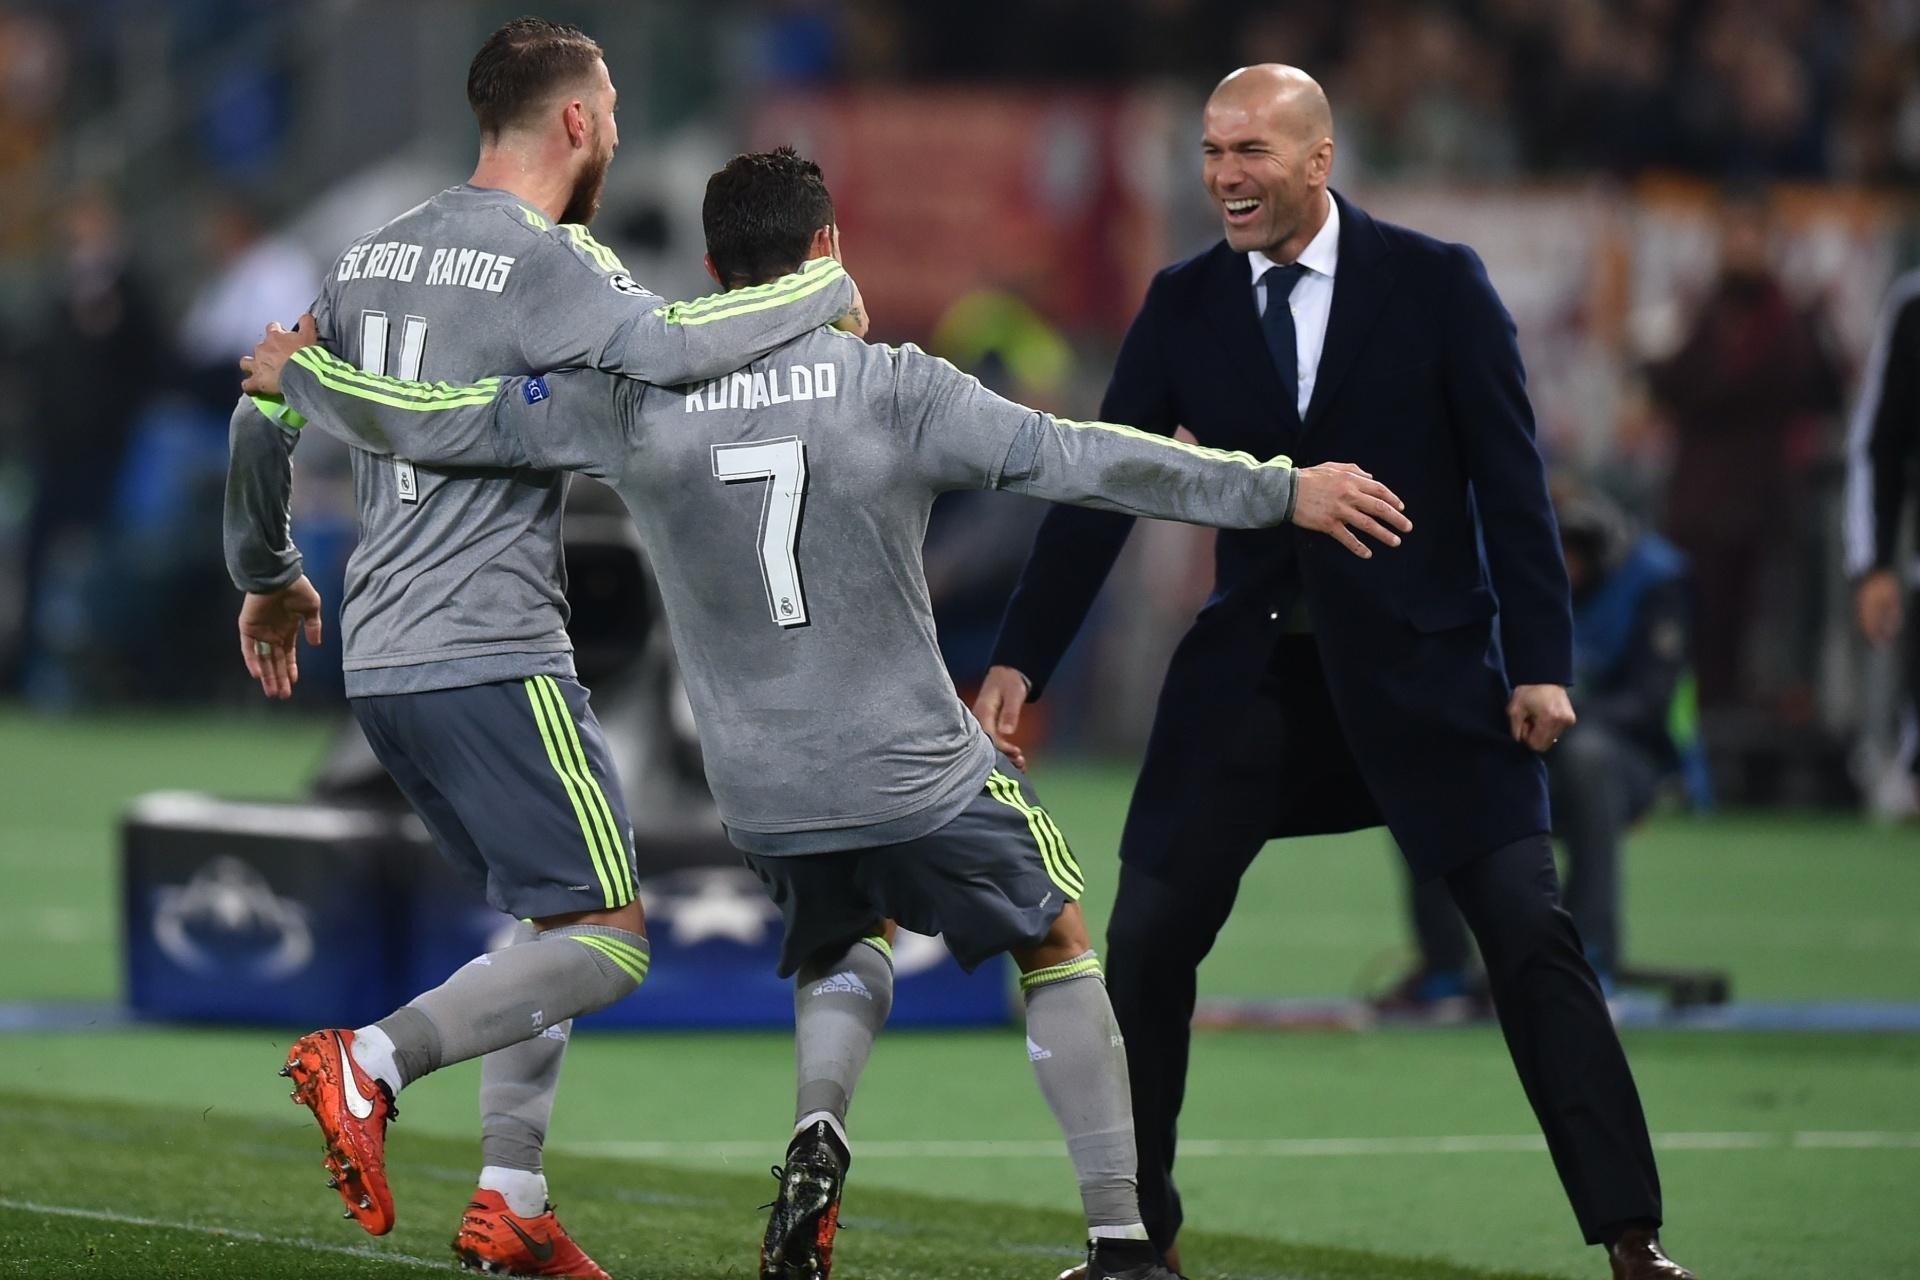 bee1dd7f15 Zidane comenta pedido de aumento feito por CR7 ao Real   não me meto nisso   - 30 09 2017 - UOL Esporte